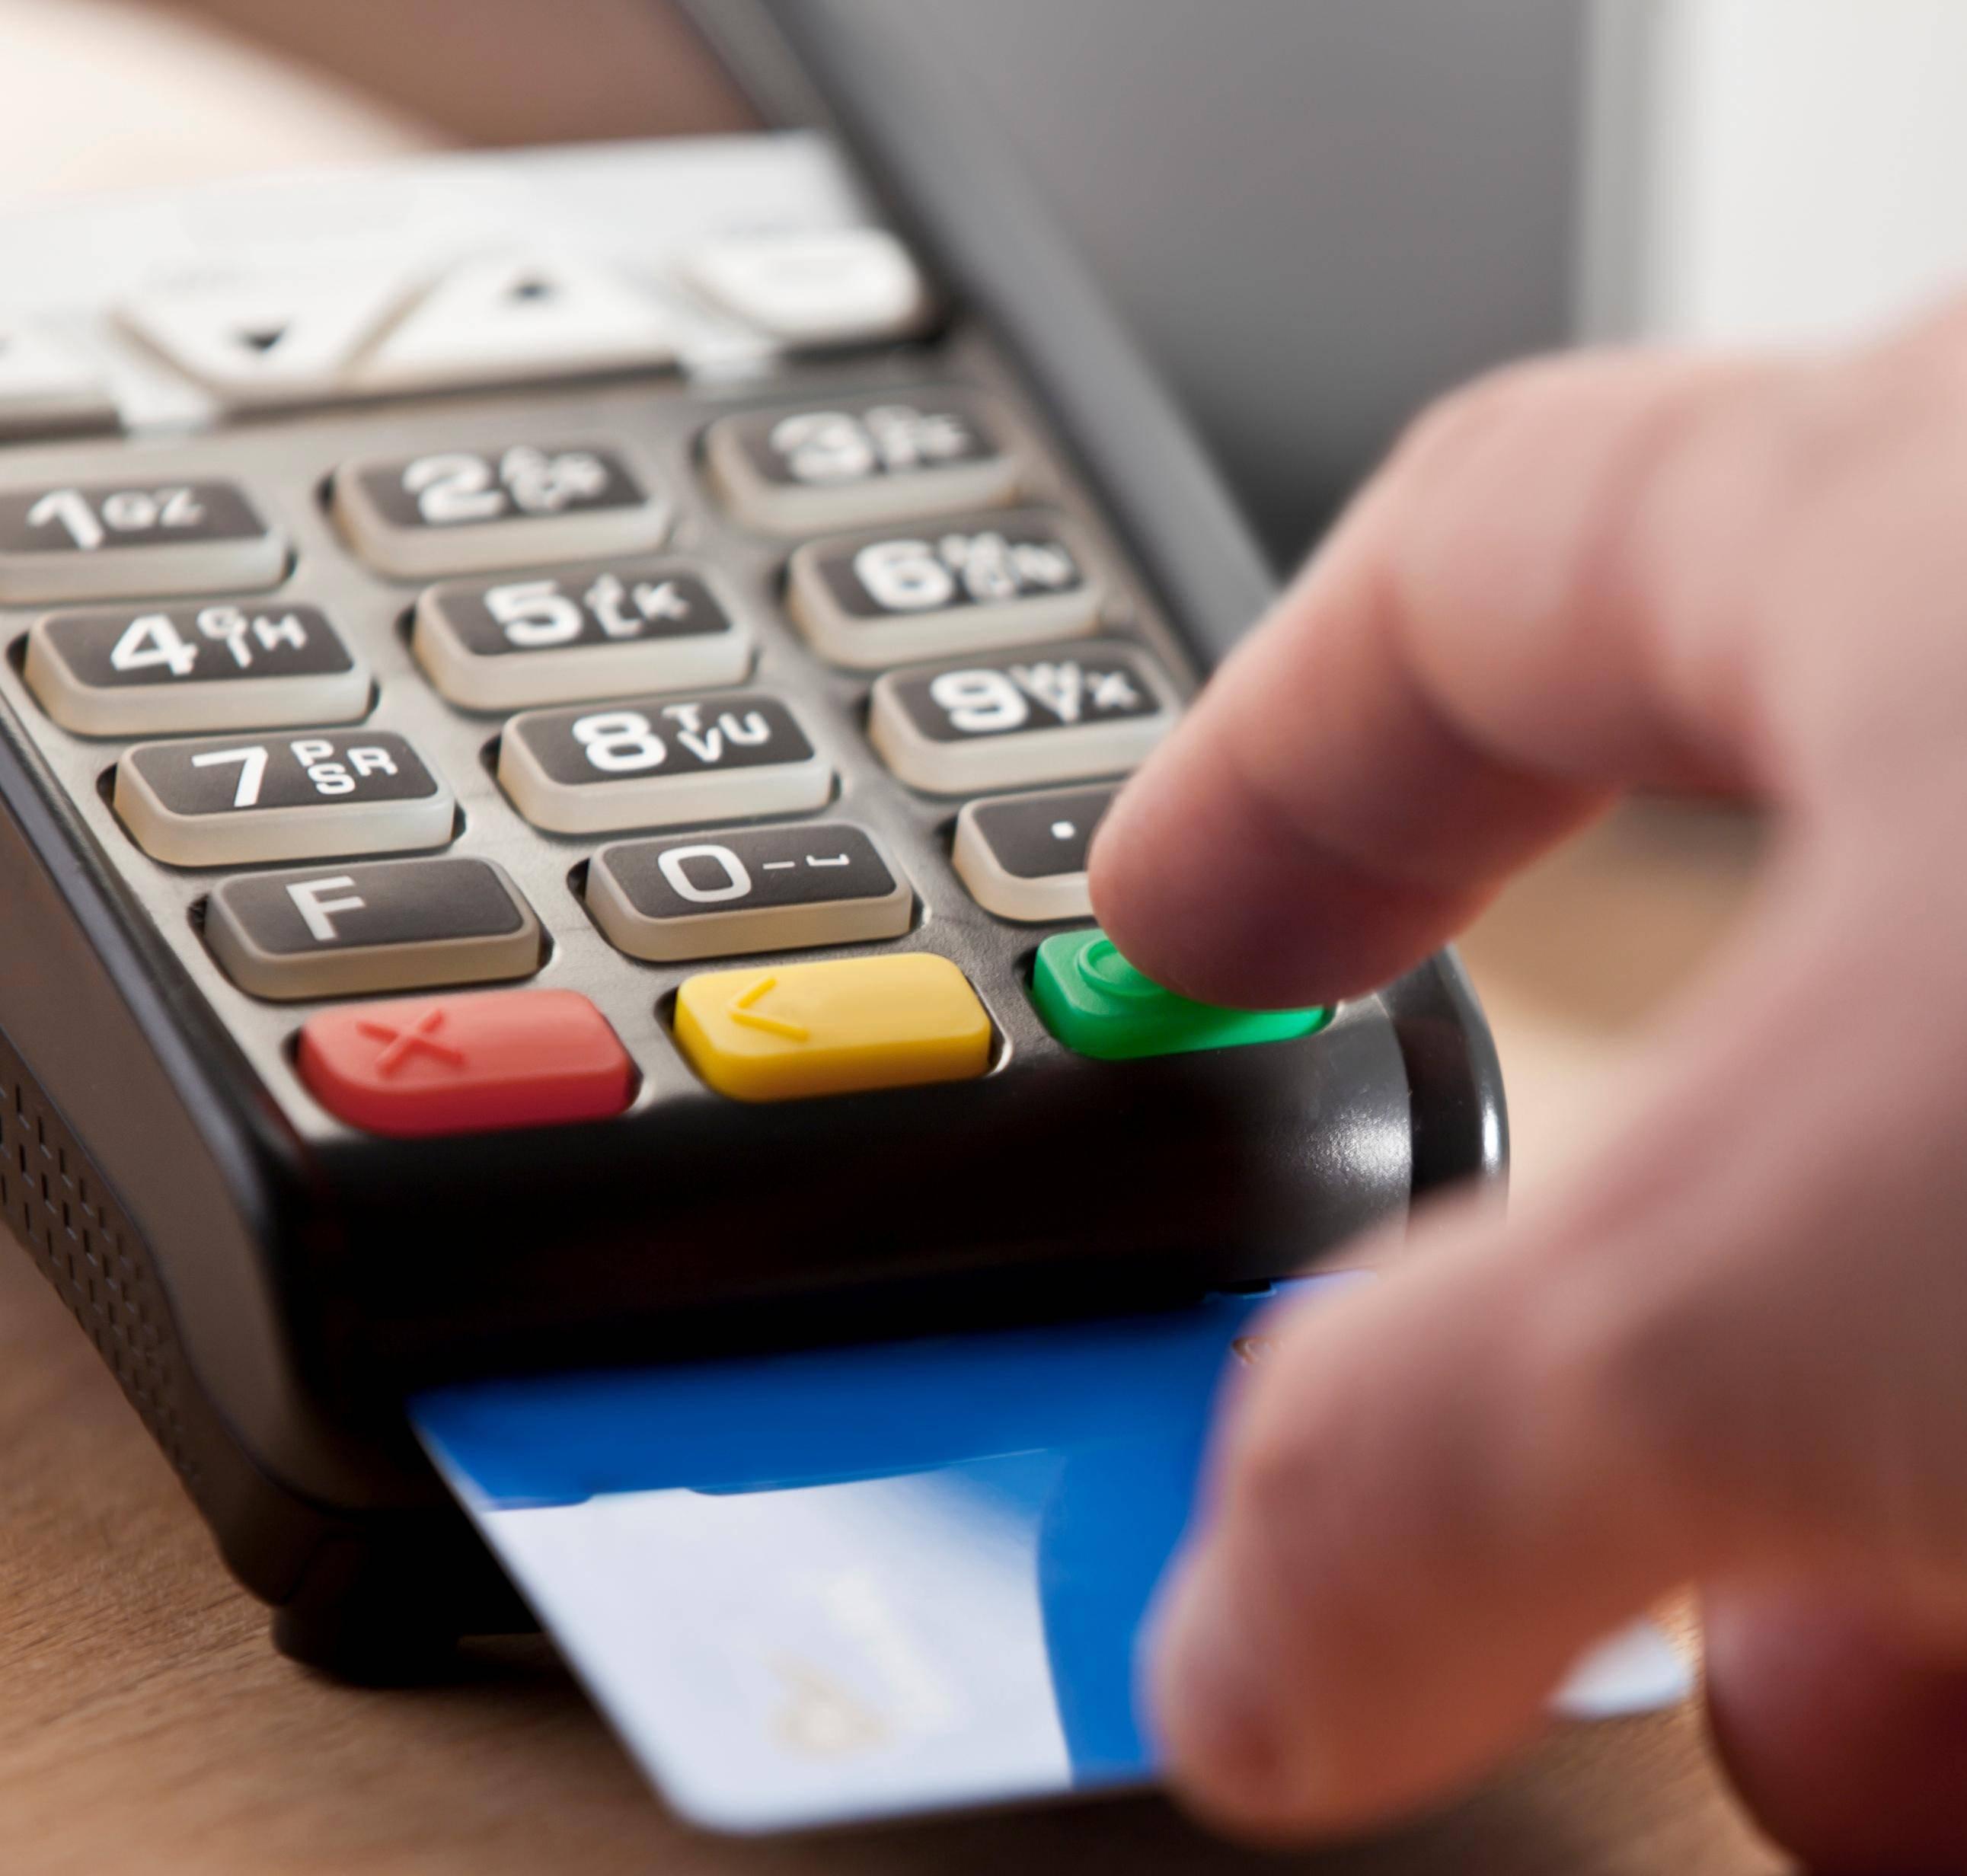 Возврат денежных средств покупателю – сроки по закону, пошаговая инструкция